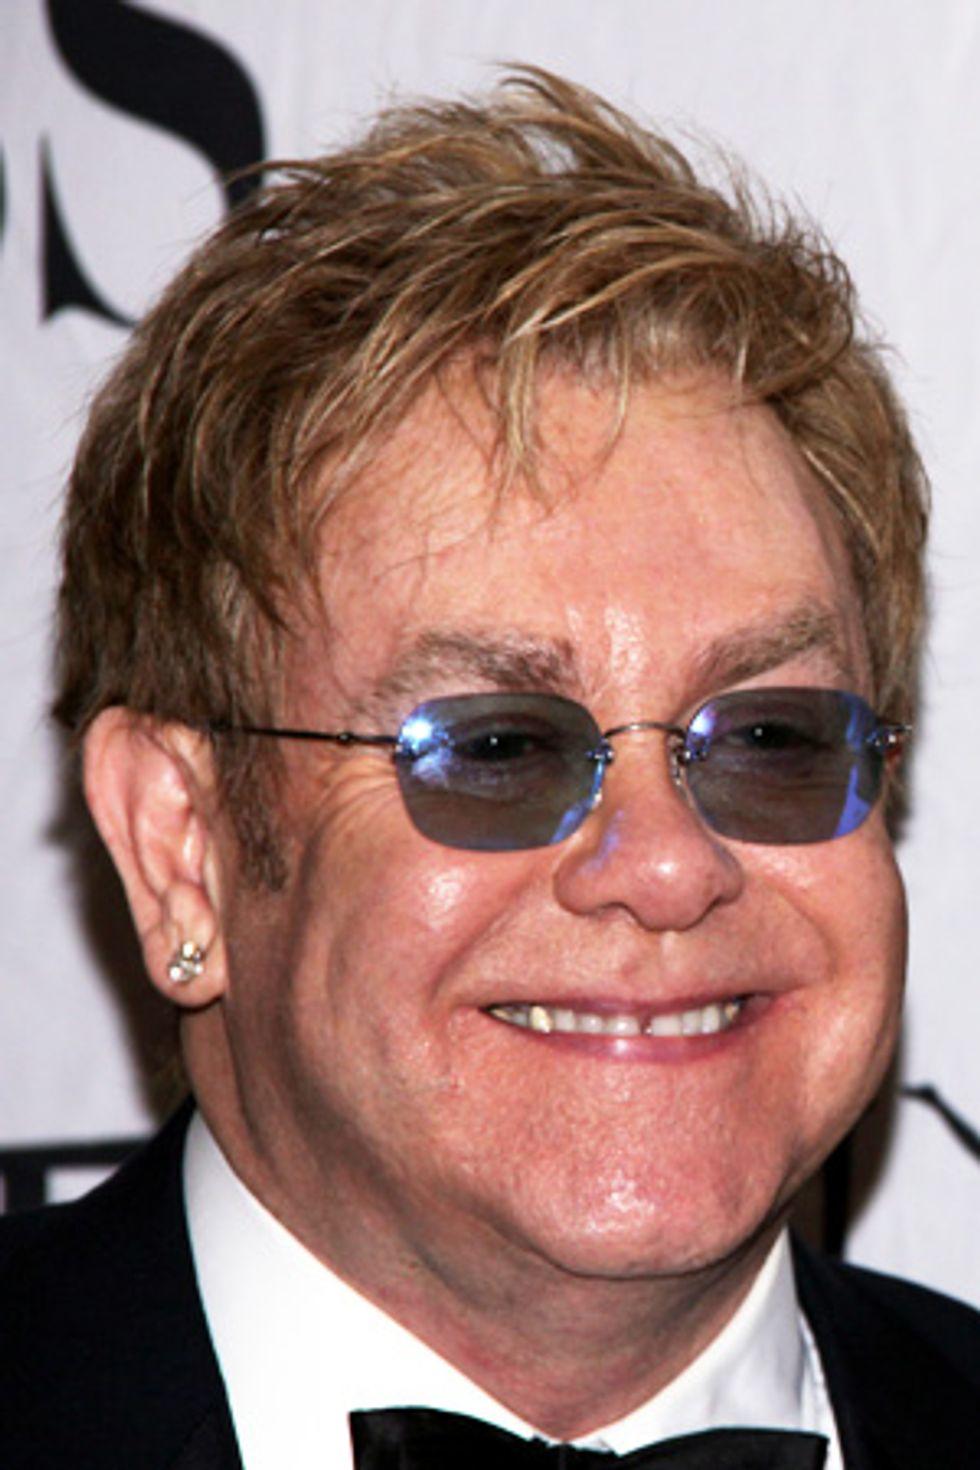 Tony's Tid-Bit: Elton John Took a Tumble!